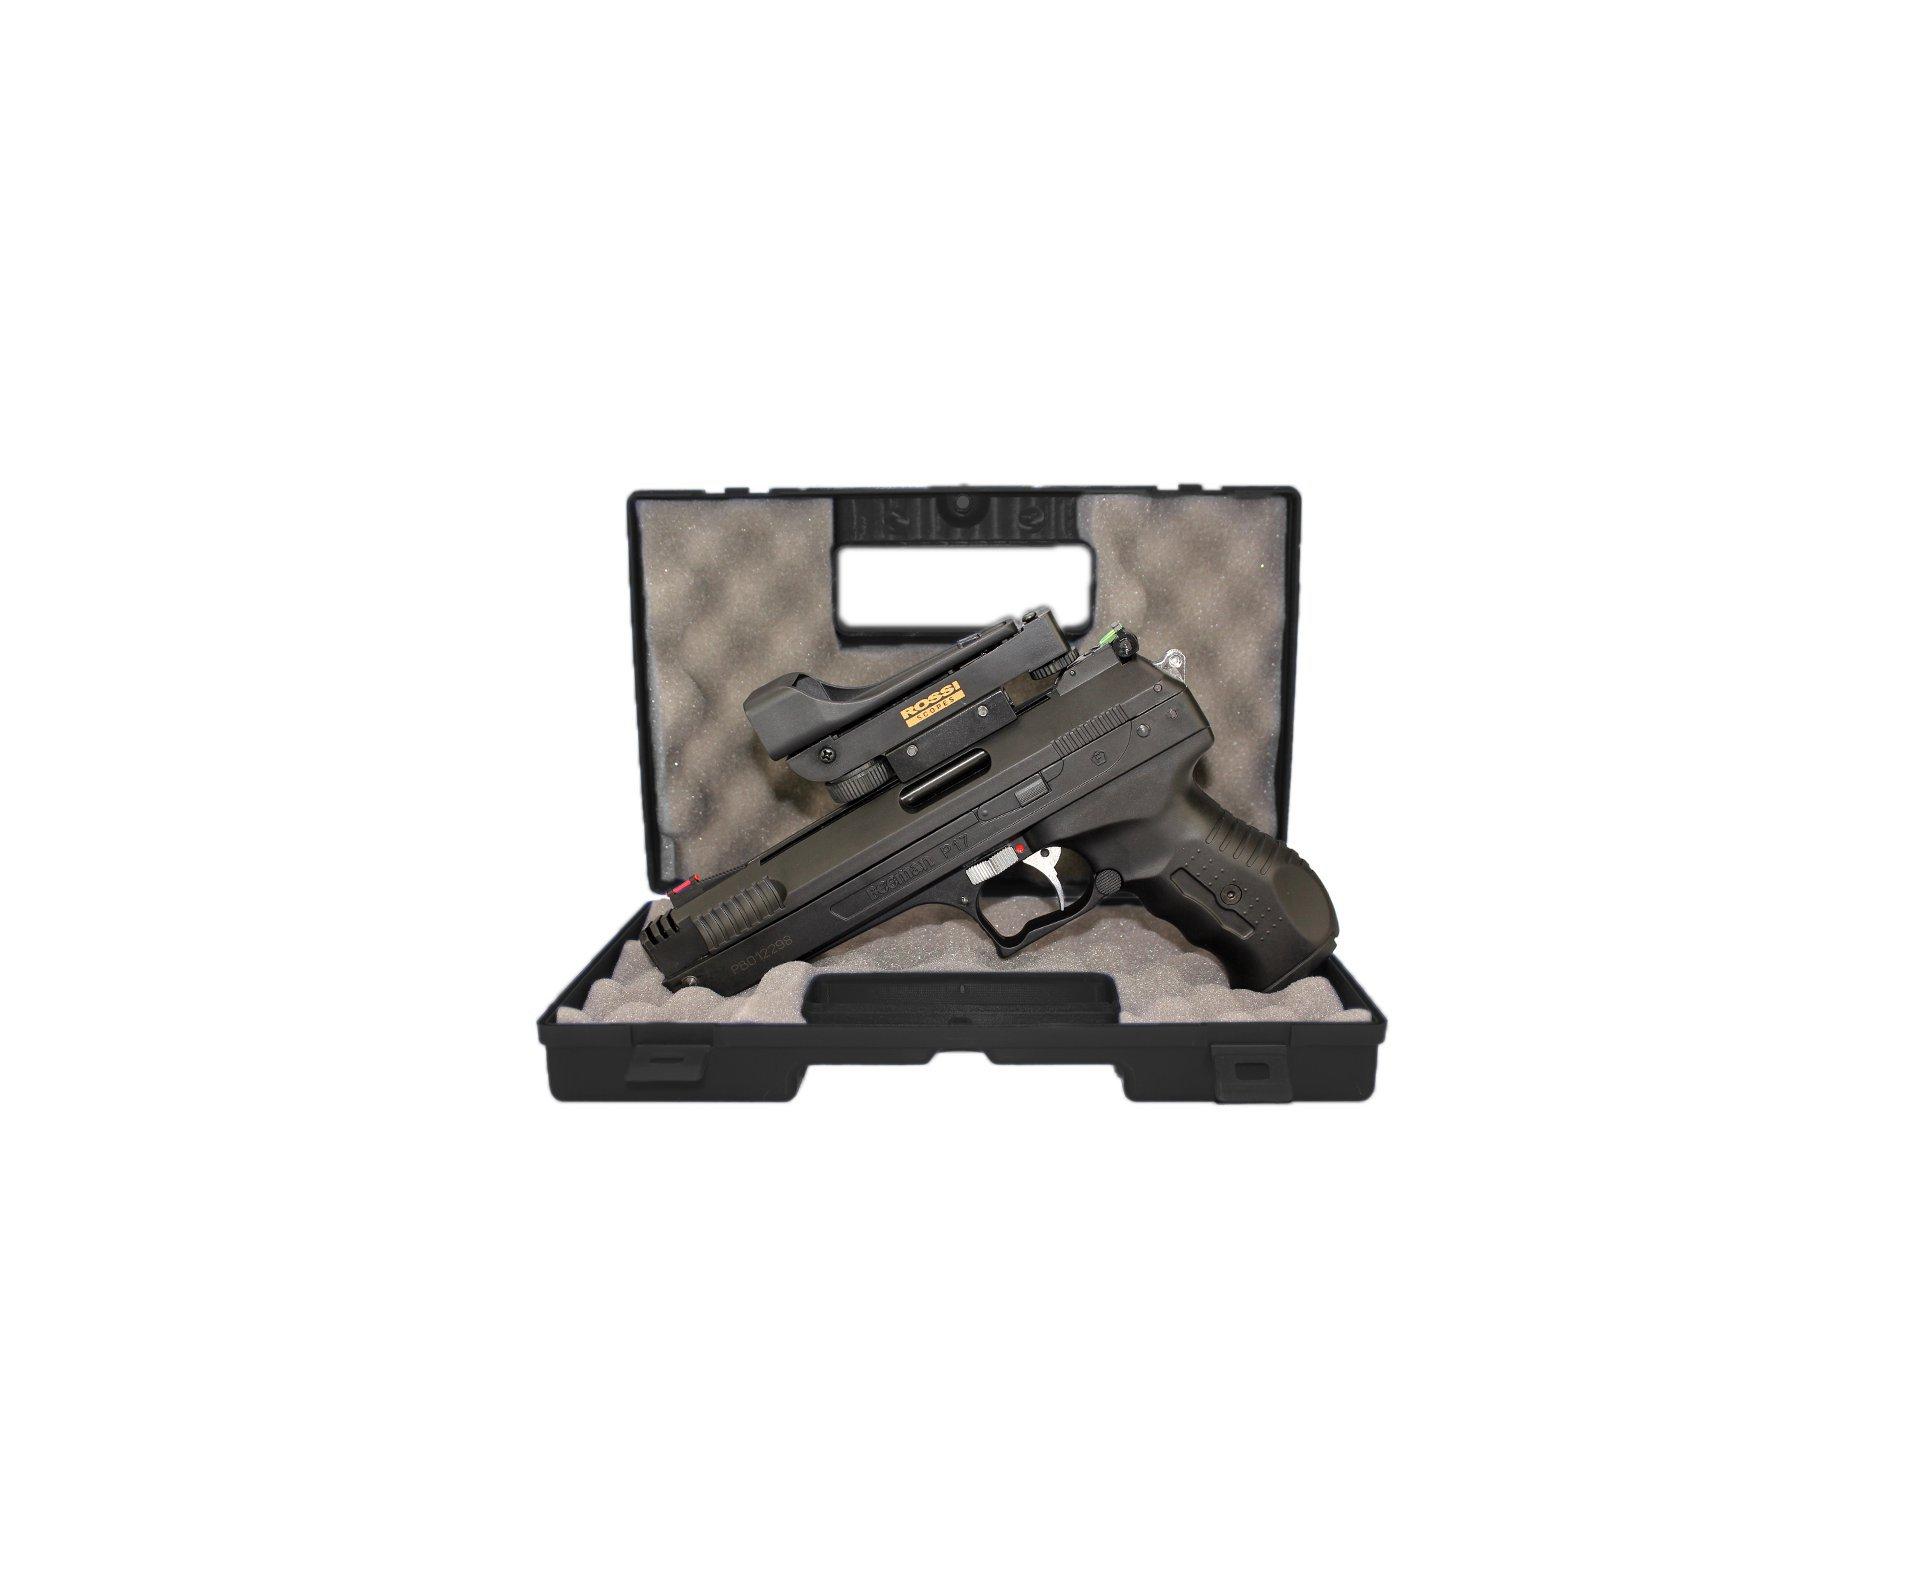 Pistola De Pressão Beeman 2006 P-17 Cal 4,5mm + Red Dot Rossi + Case Deluxe